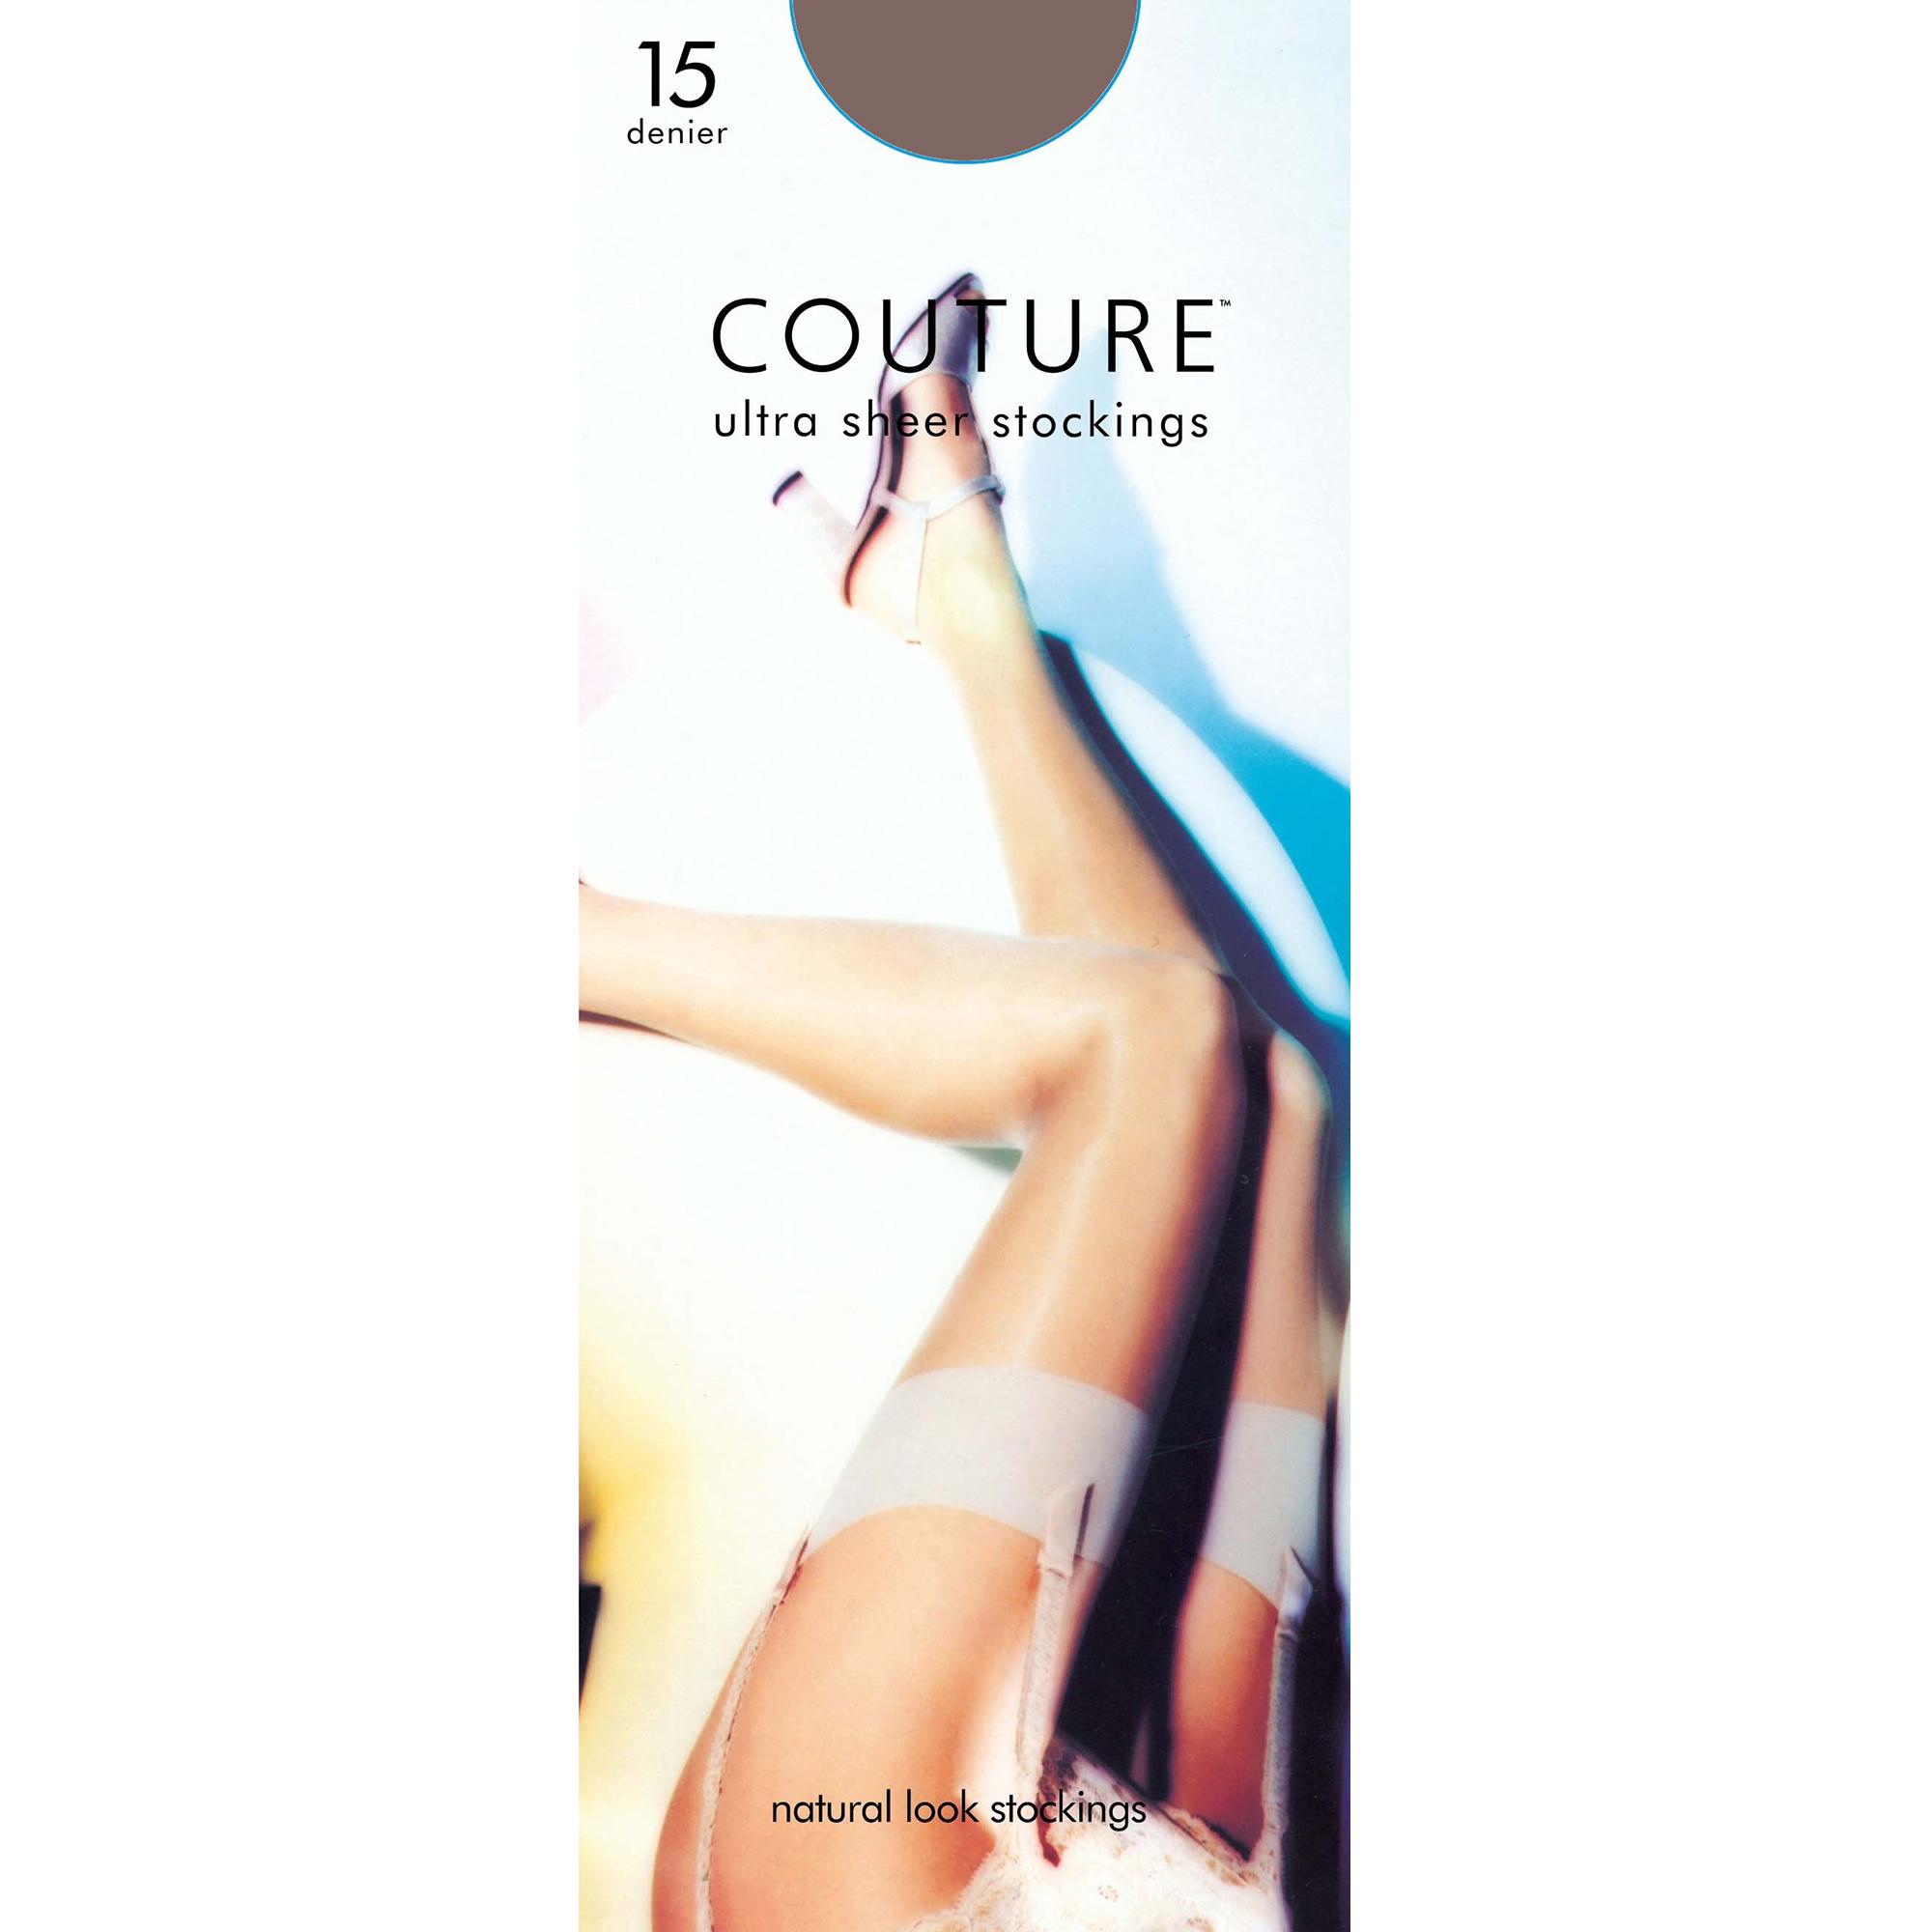 Couture Mujer/Dama Nylon 15 Denier Medias (1 par)